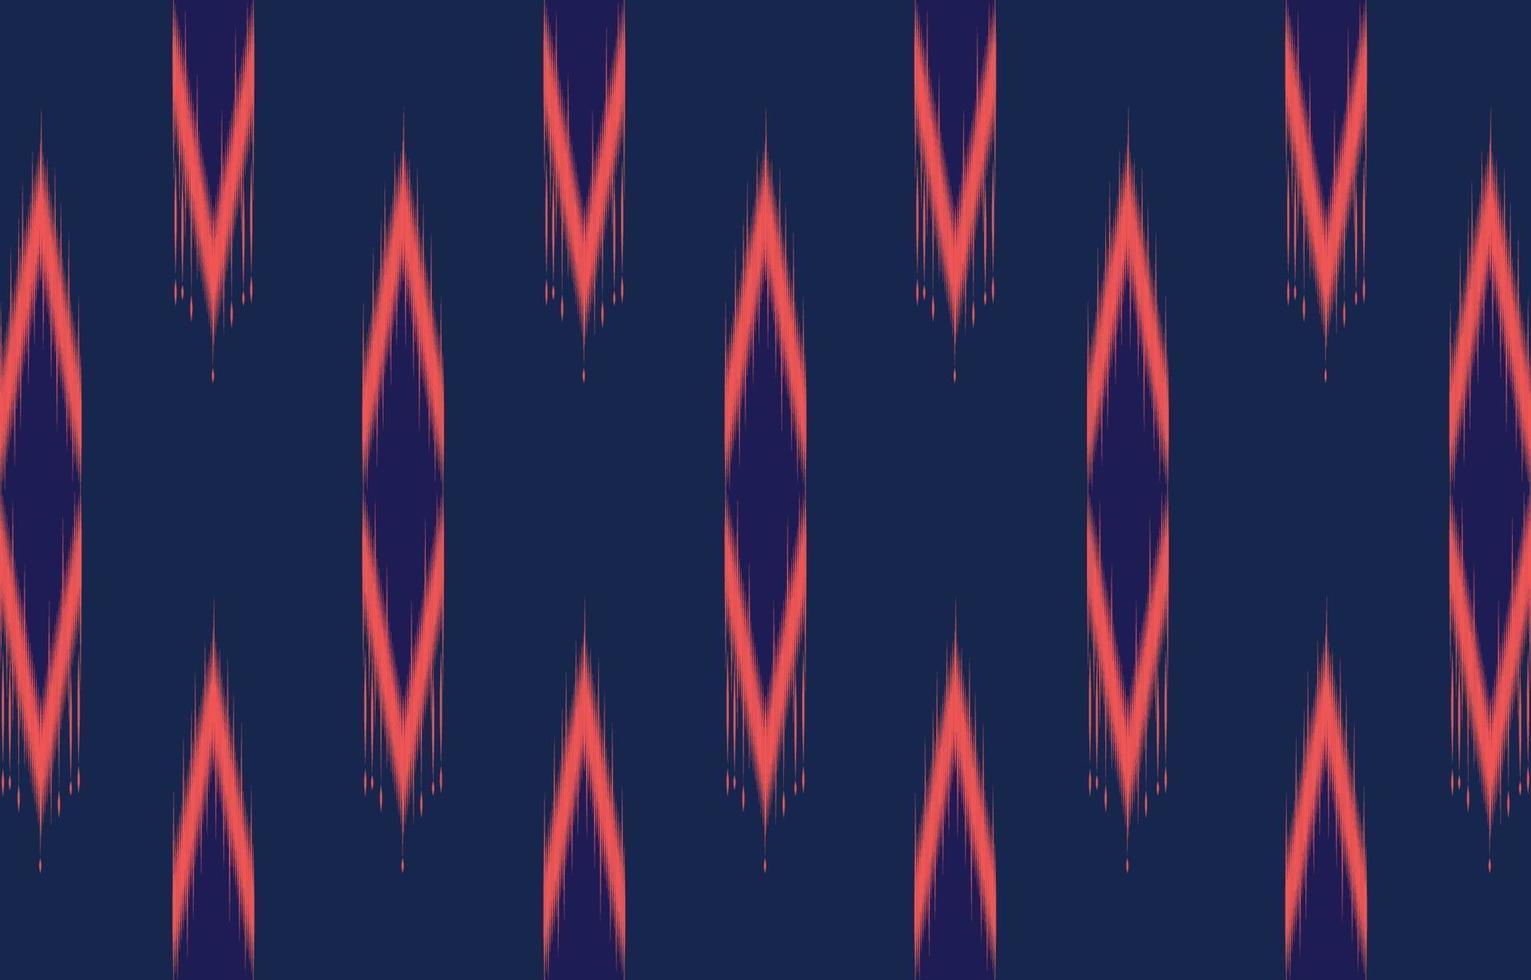 traditionelles Design des abstrakten geometrischen ethnischen orientalischen Ikat-Musters für einen Hintergrund vektor